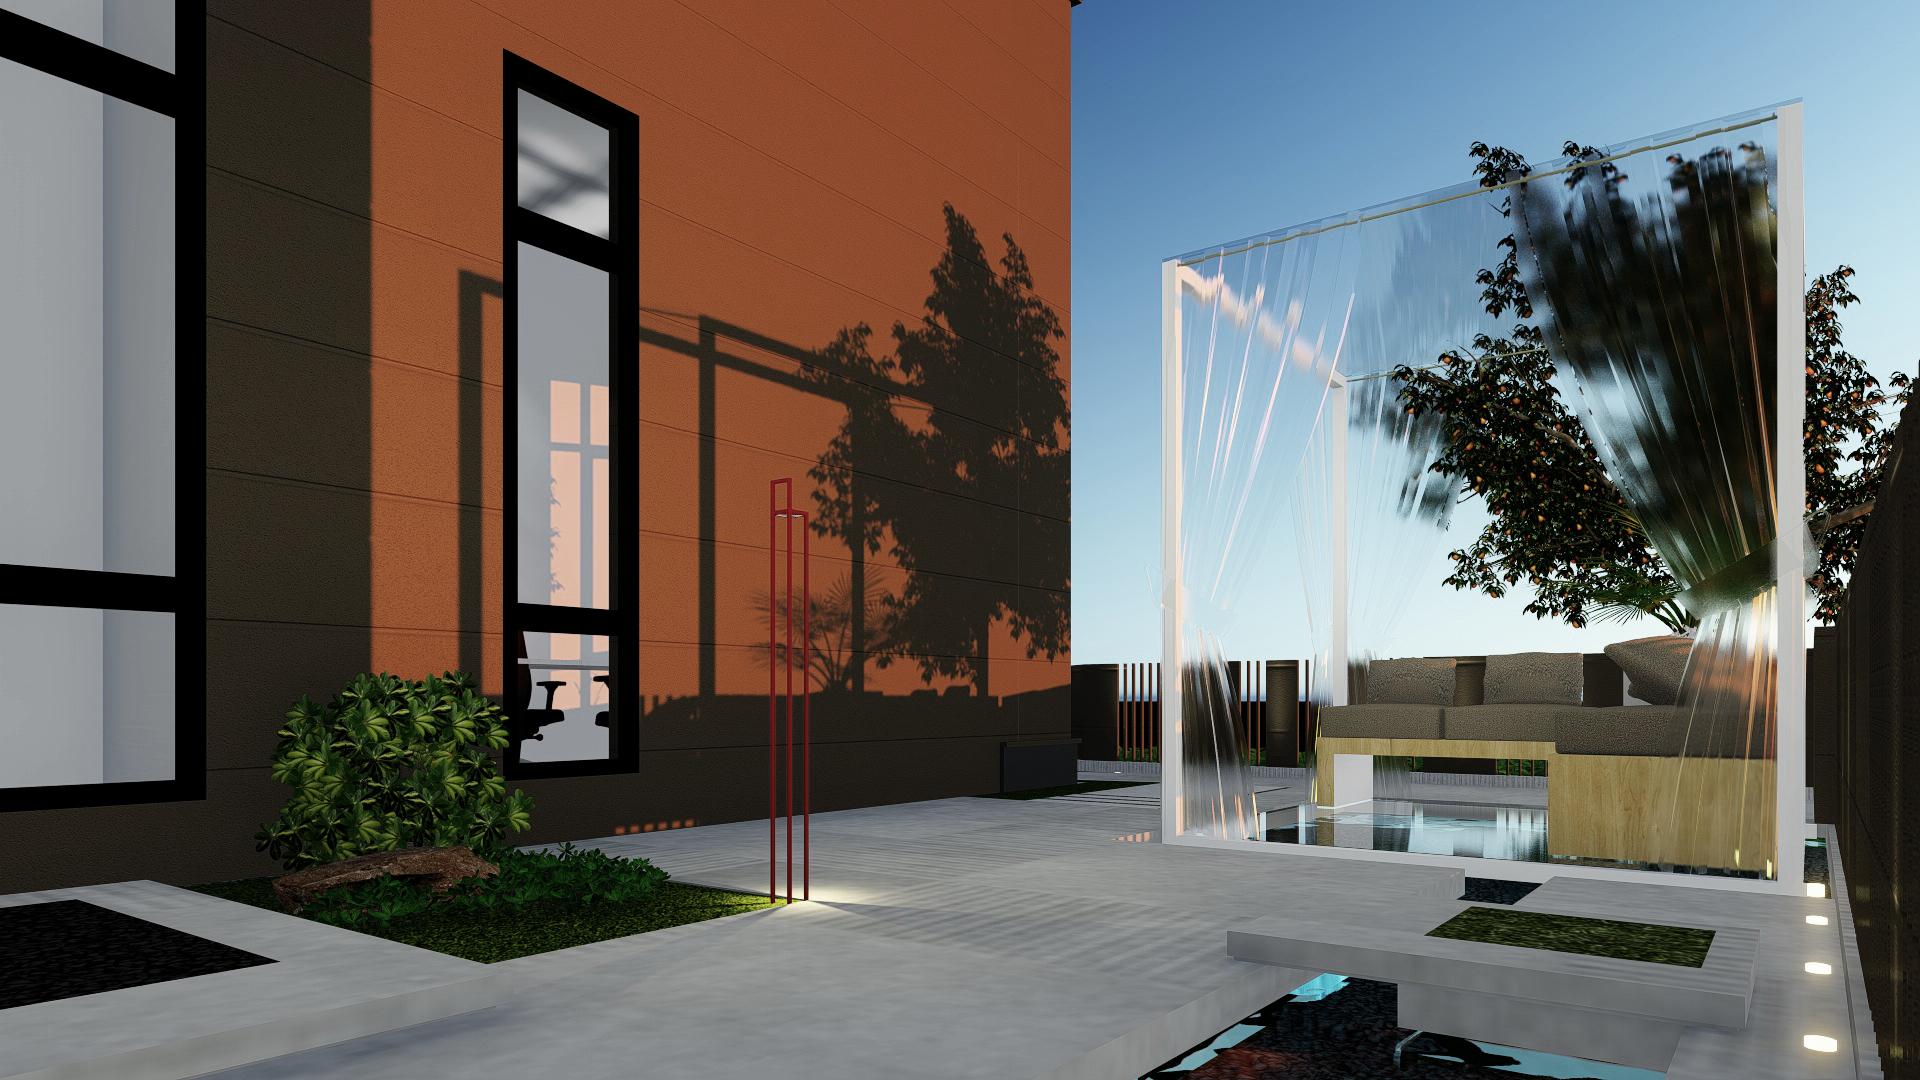 别墅景观|空间|景观设计|lexizhu - 原创作品 - 站酷图片